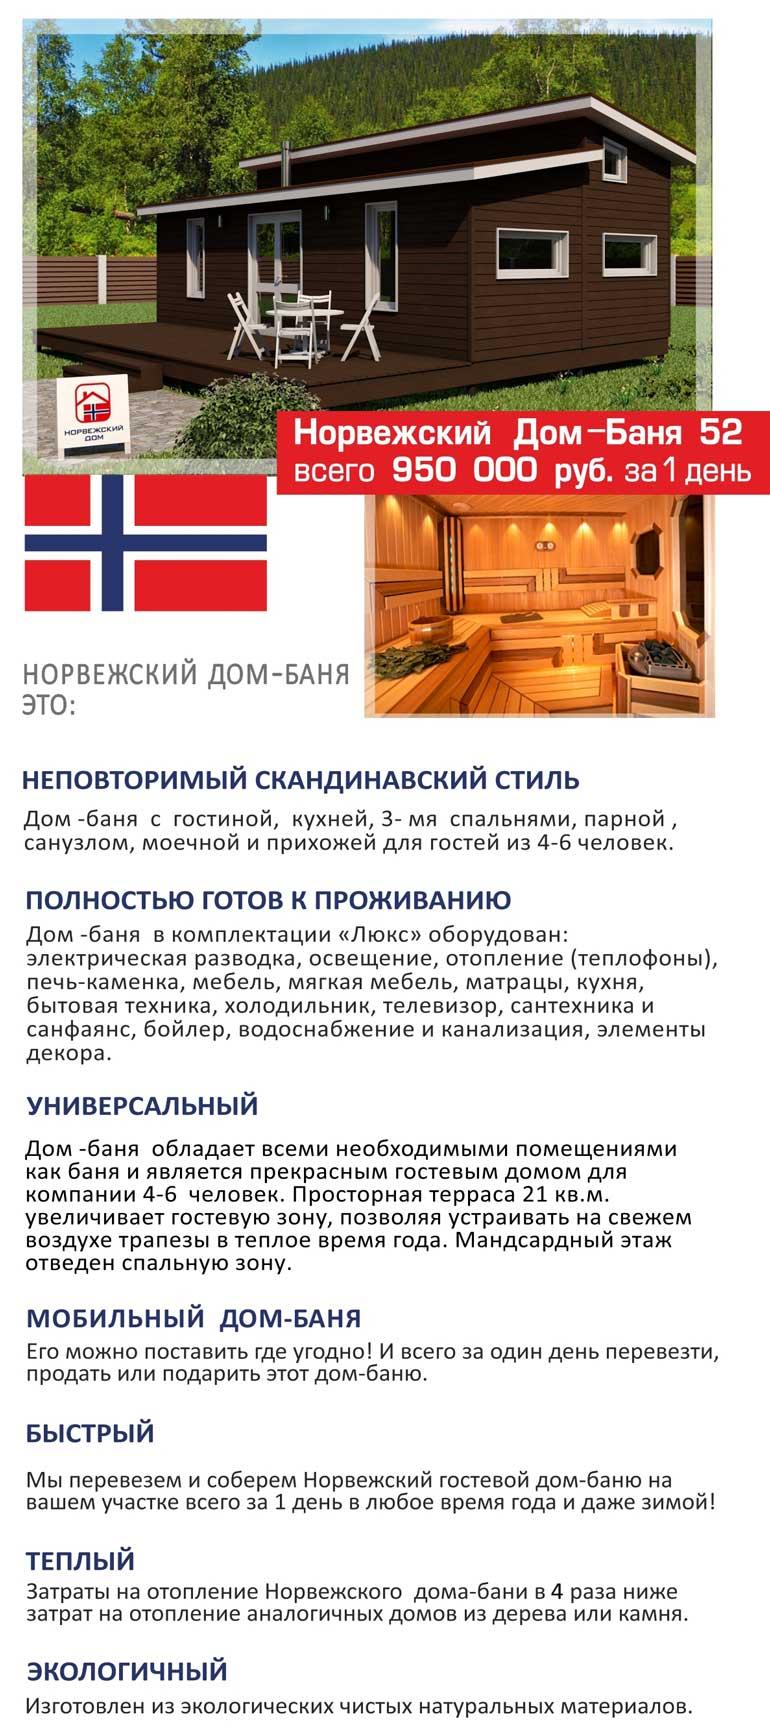 norvezhskiy-dom-banya-52-modum-za-1-den